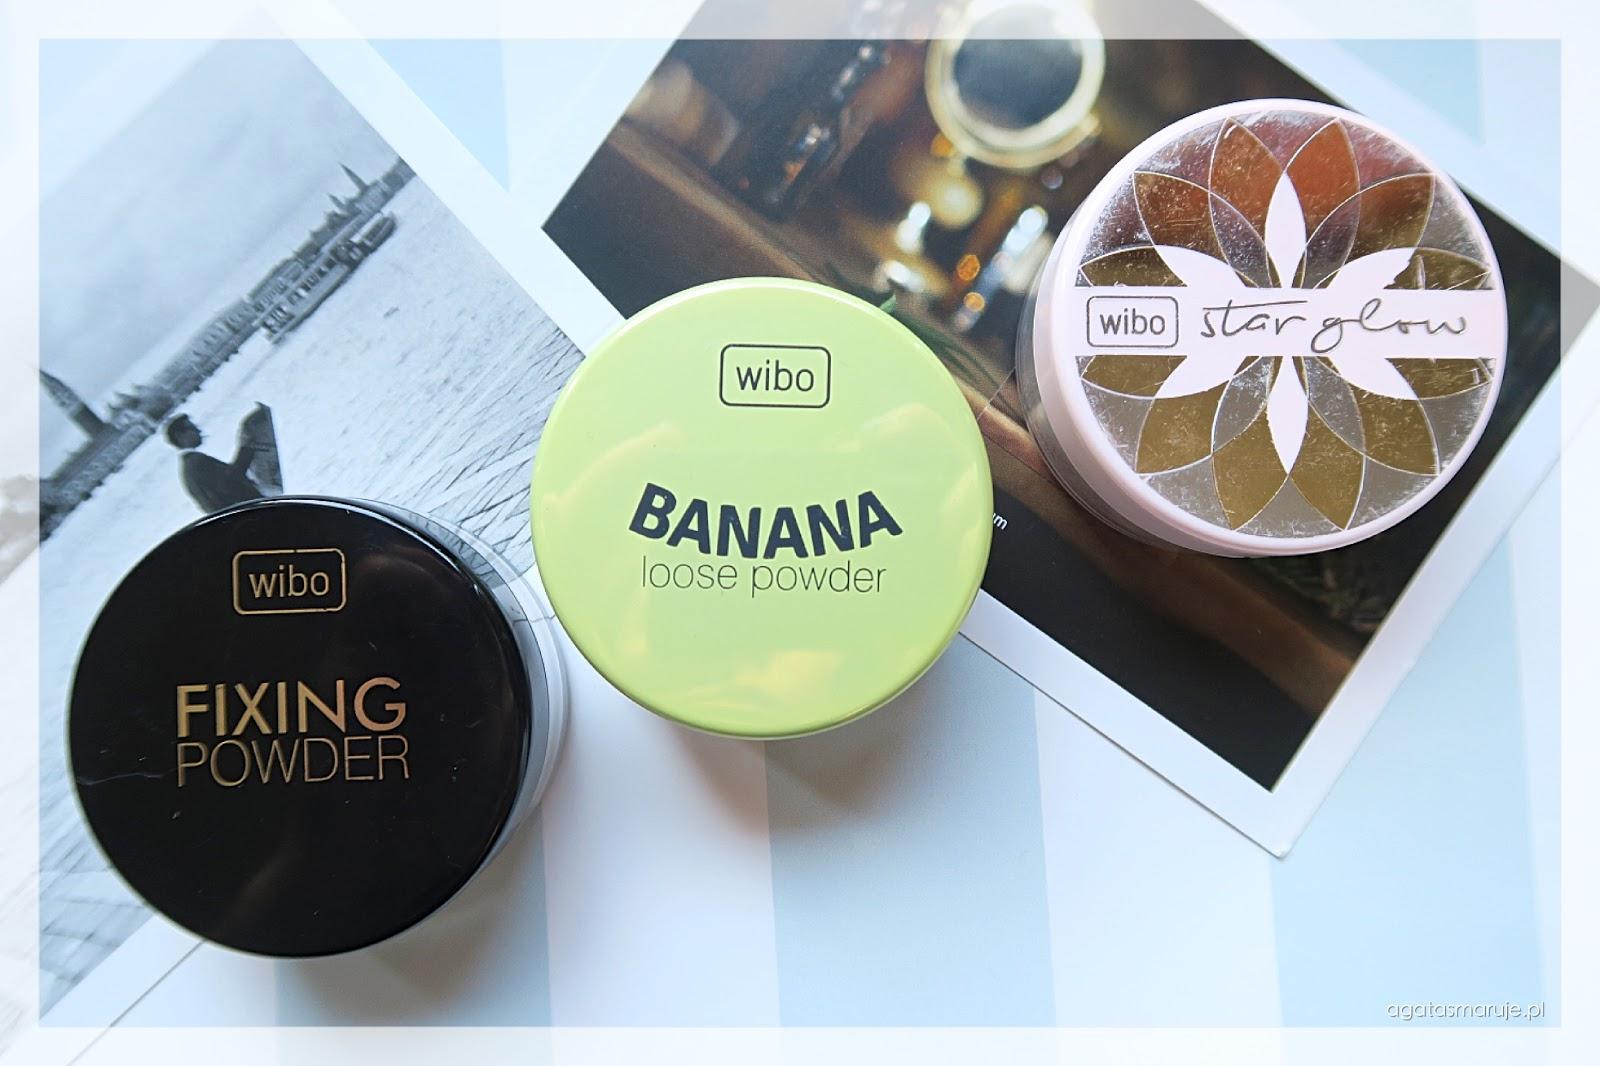 Pudry Wibo: Fixing Powder, Banana Powder, Star Glow